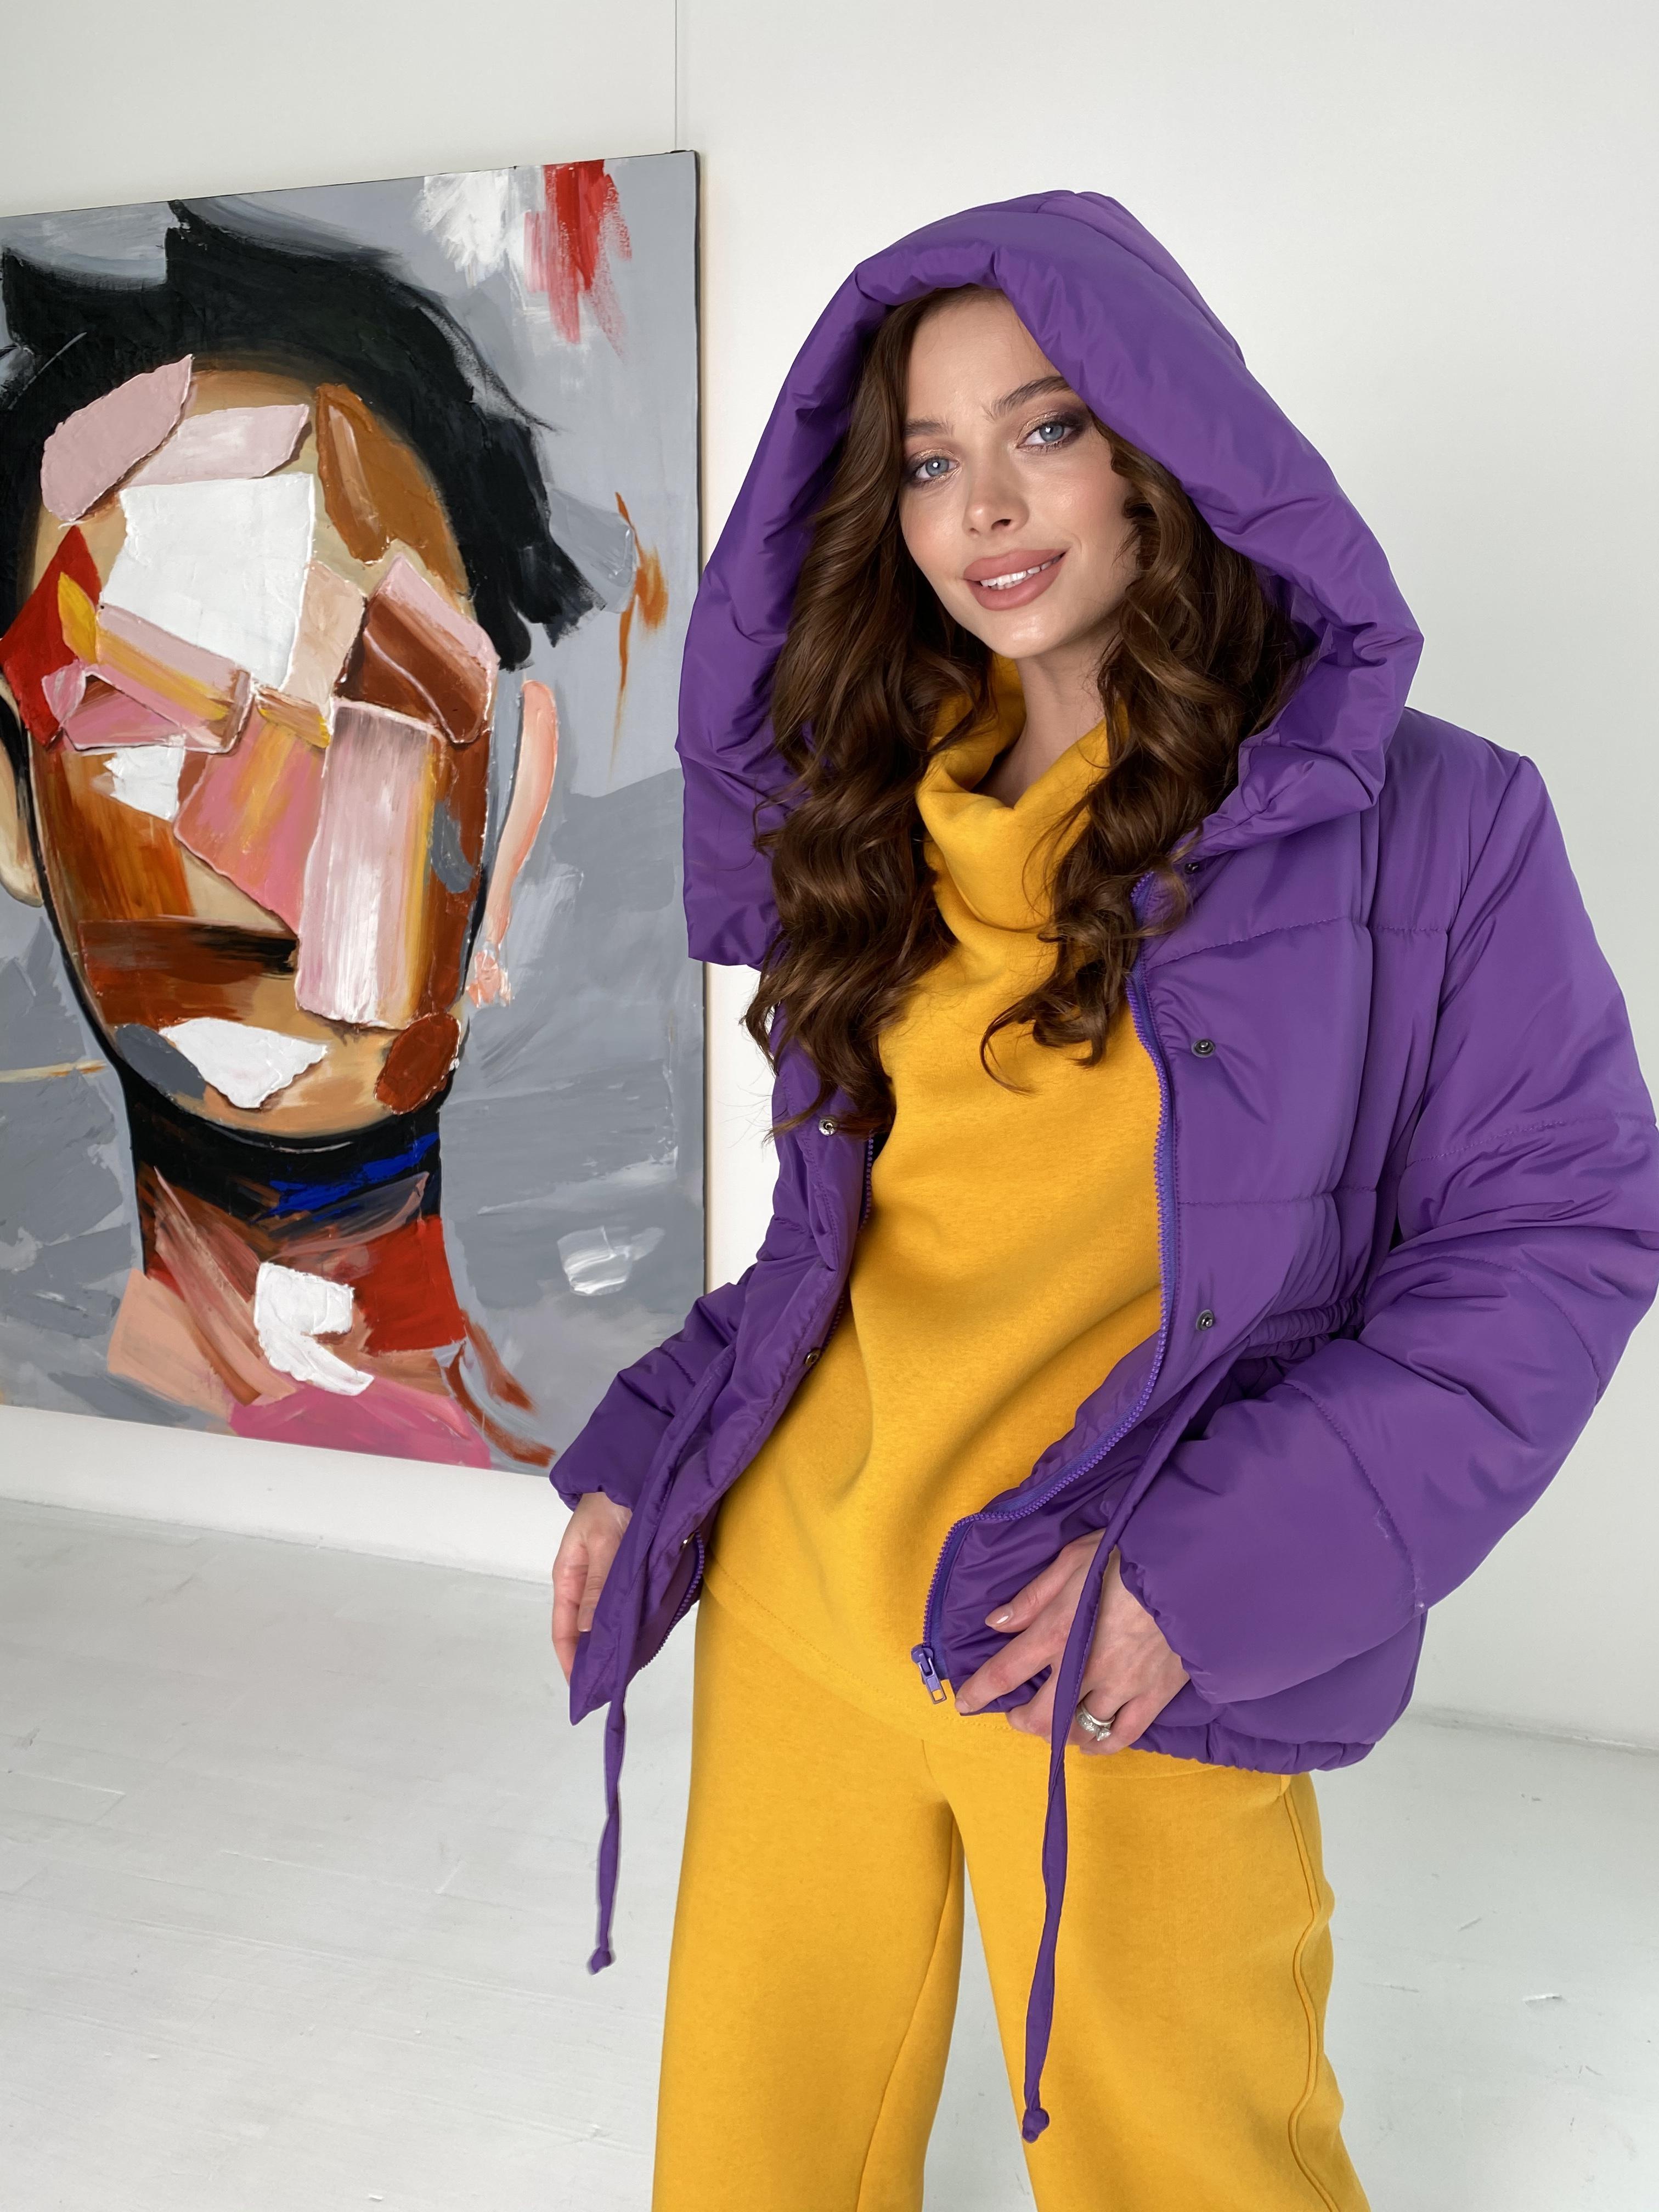 Пино куртка из плащевой ткани 10489 АРТ. 46804 Цвет: Сиреневый - фото 1, интернет магазин tm-modus.ru